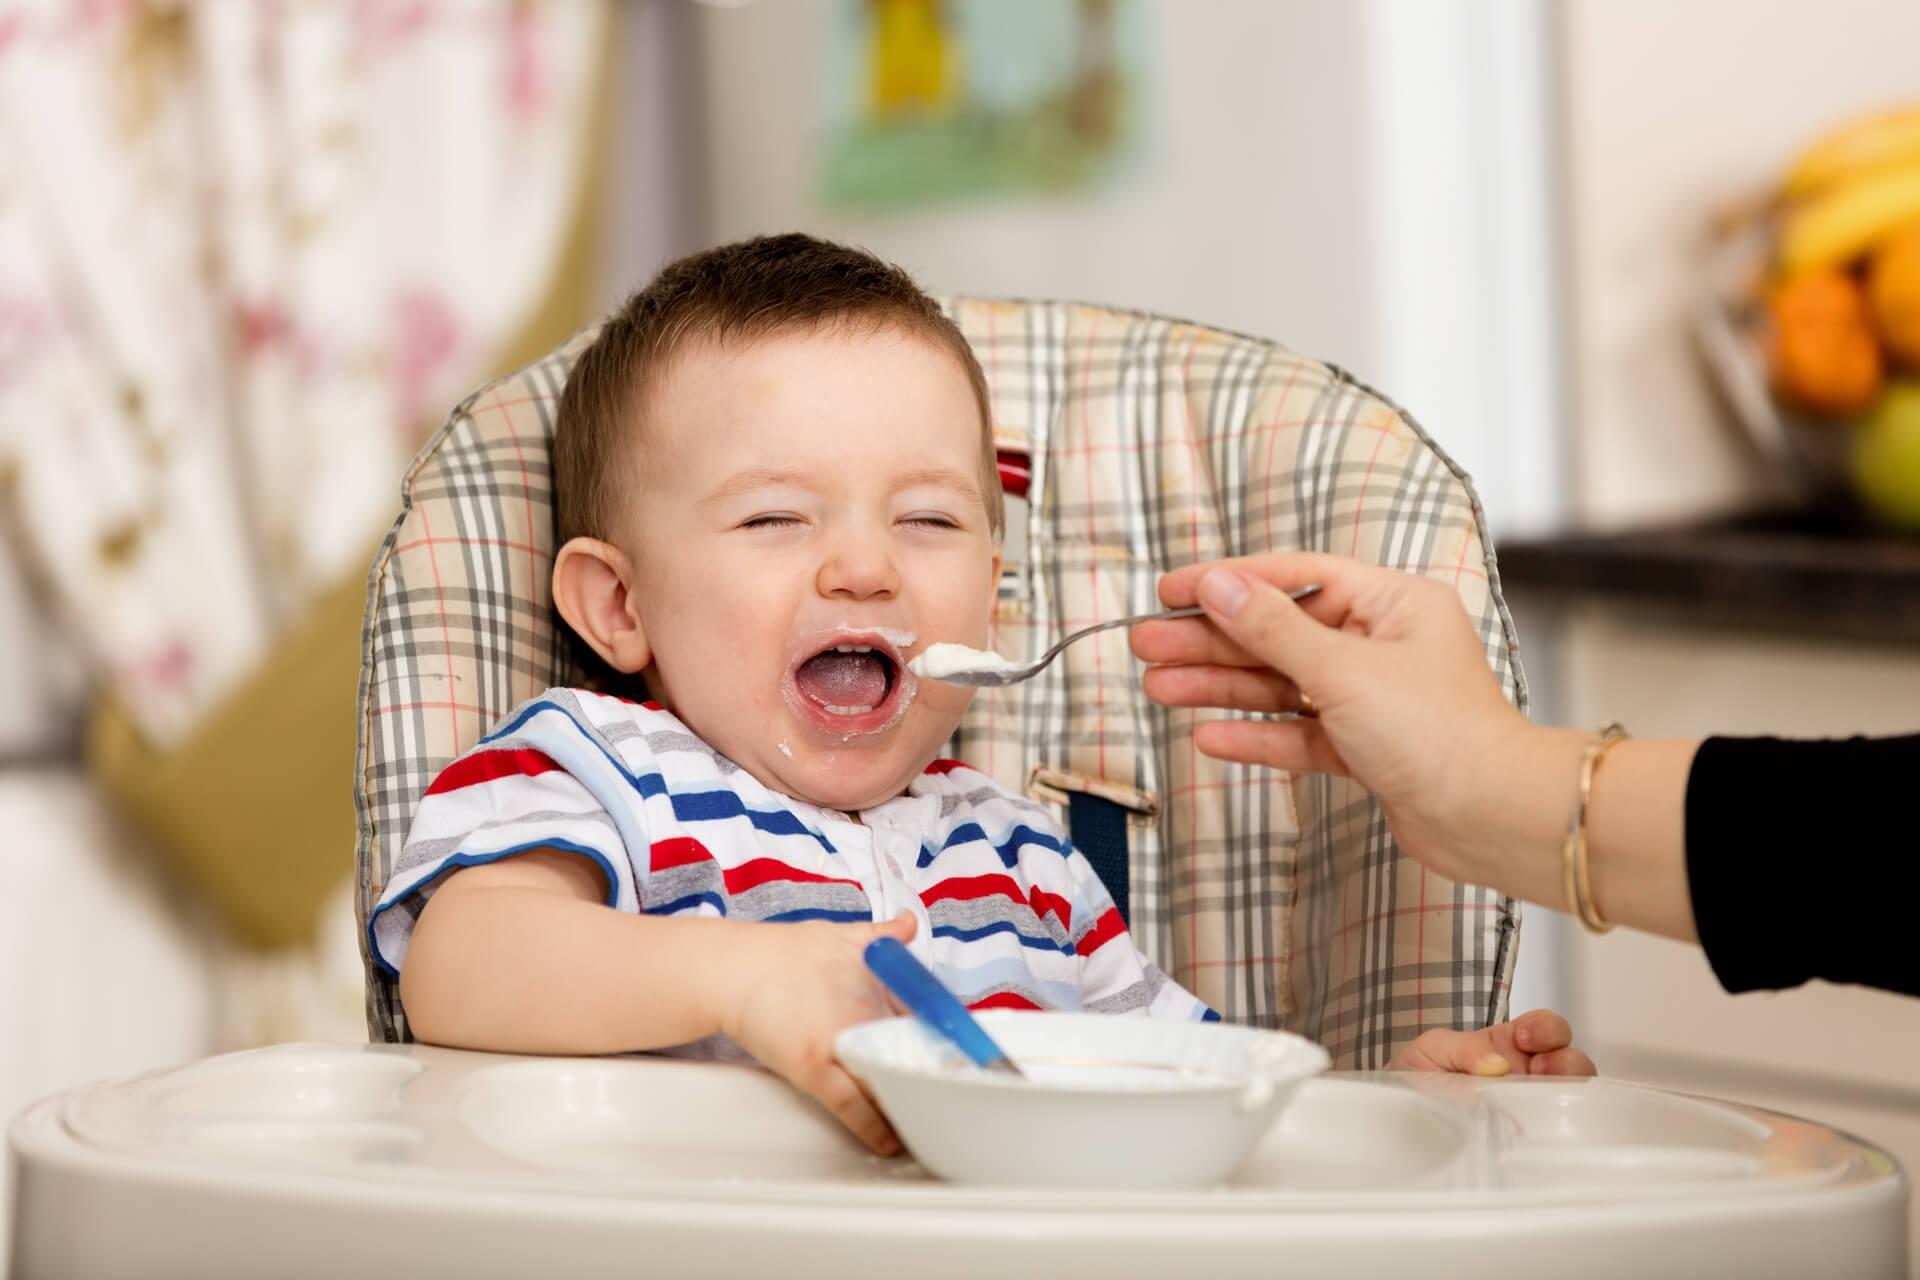 cho trẻ ăn dăm như thế nào, bắt đầu cho bé ăn dặm như thế nào, lần đầu cho bé ăn dặm như thế nào, bắt đầu cho trẻ ăn dặm như thế nào, nên cho bé ăn dặm như thế nào, nên cho trẻ ăn dặm như thế nào, em bé ăn dặm, cho bé ăn bánh ăn dặm như thế nào, cho trẻ ăn dặm như thế nào là đúng, bước đầu cho bé ăn dặm như thế nào, cho bé ăn dặm hoa quả như thế nào, cho bé ăn dặm kiểu nhật như thế nào, tập cho bé ăn dặm như thế nào, 6 tháng cho trẻ ăn dặm như thế nào, 6 tháng cho bé ăn dặm như thế nào, cho bé ăn dặm như thế nào là đúng, tập cho trẻ ăn dặm như thế nào, cho trẻ ăn dặm trái cây như thế nào, chuẩn bị cho bé ăn dặm như thế nào